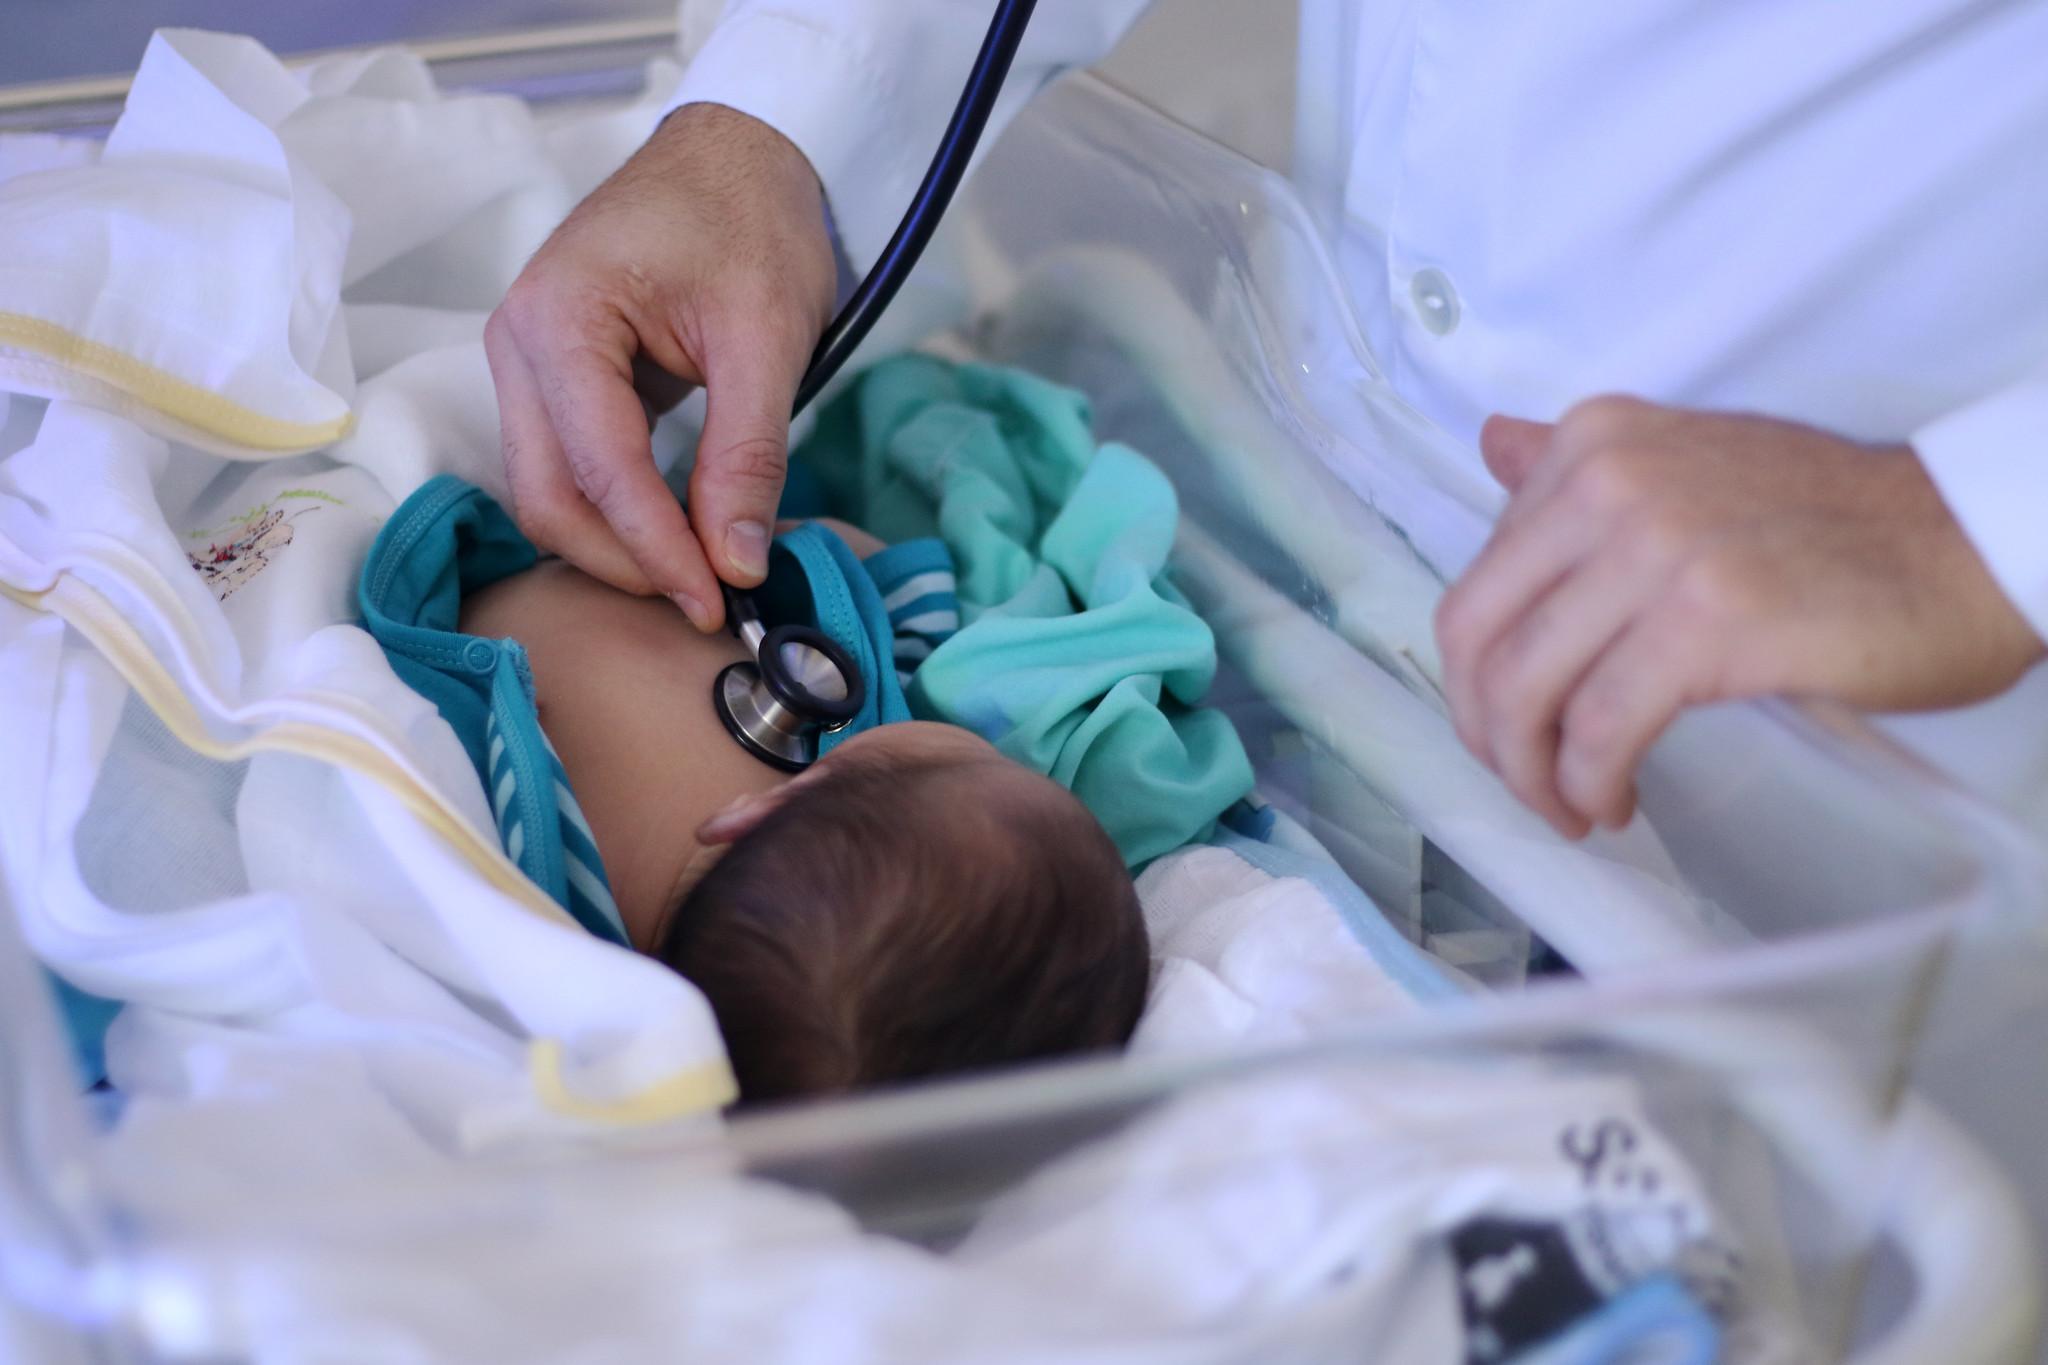 Inédito: Bebê espanhol nasce com anticorpos contra Covid-19